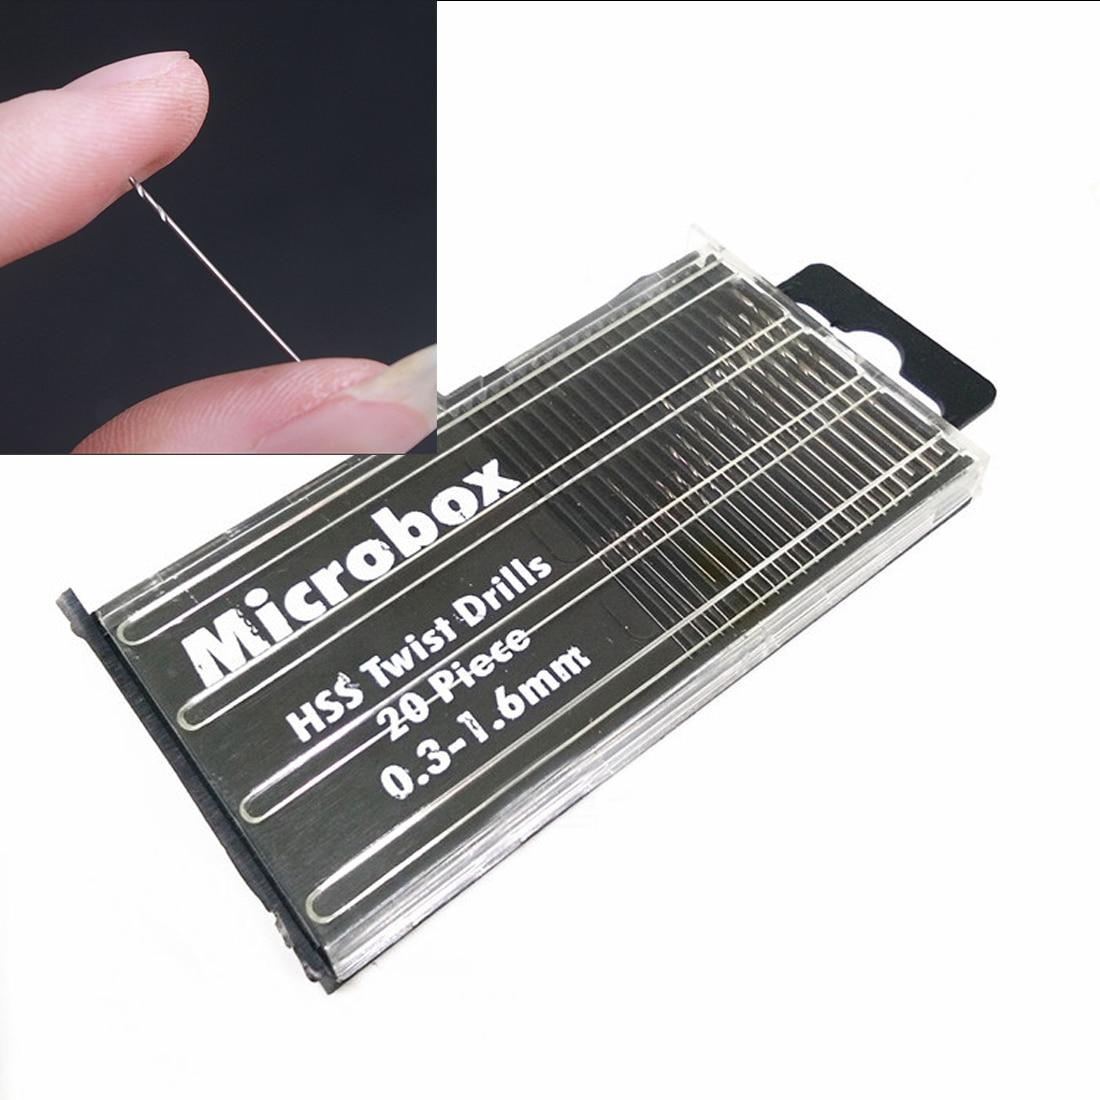 Mini Tiny Micro HSS Twist Drill Bits Set Hand Model Craft DIY Tool Bit 0.3-1.6mm